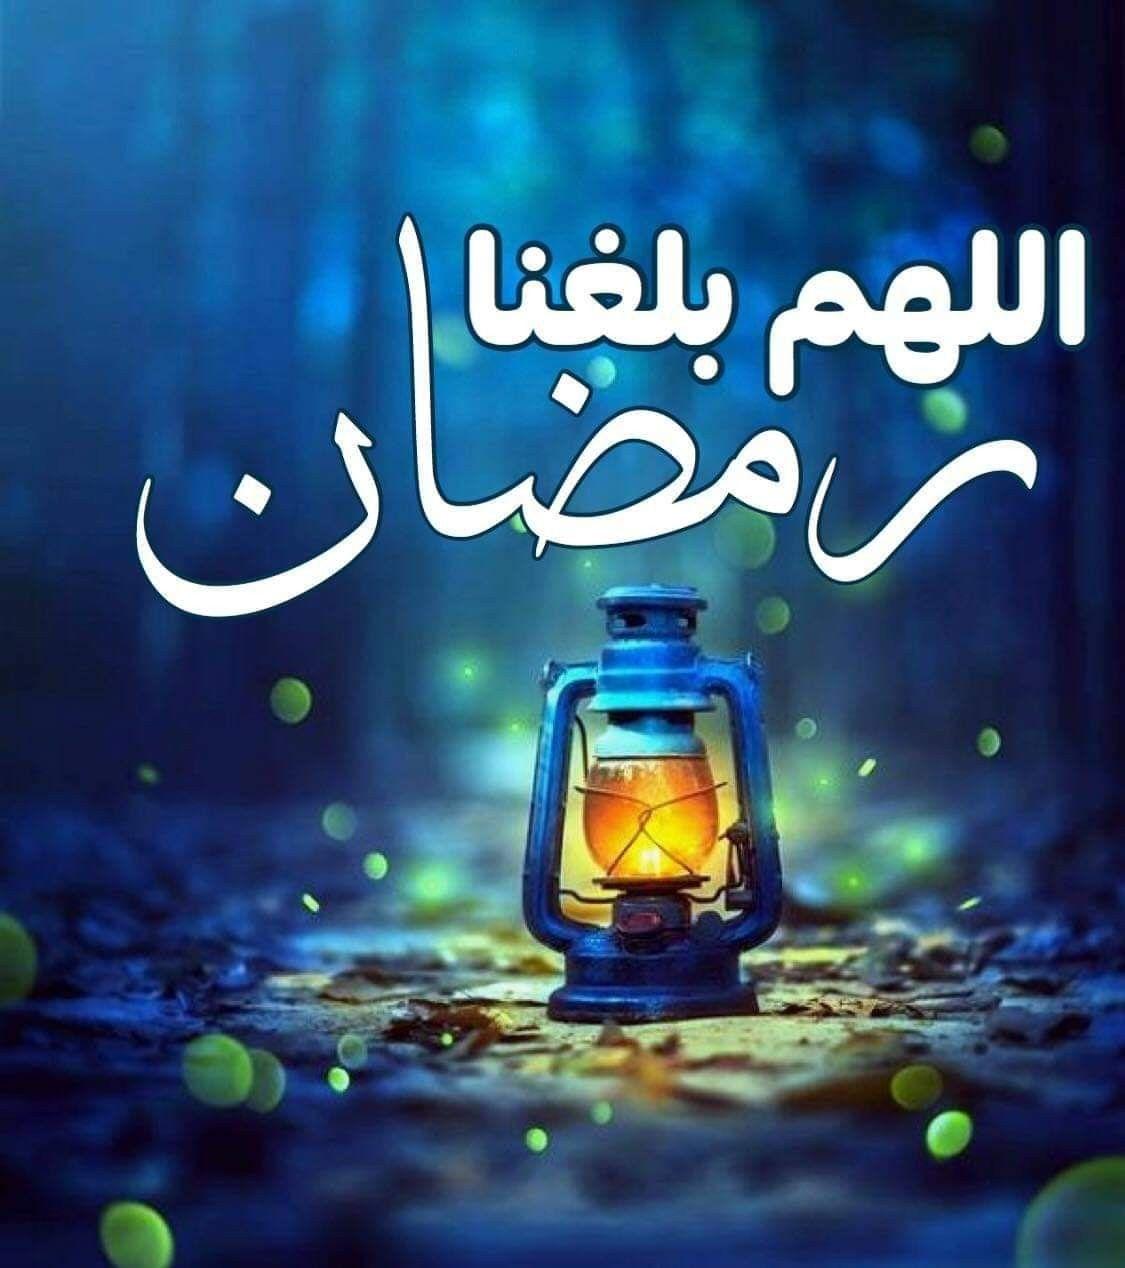 اقـل من ٦٠ يوم على شهر رمضان الكريم اشهد الله اني سامحت الجميع واتمنى ان يسامحني كل من اخطأت بحقه بقصد او بدون قصد كل عام Ramadan Bottles Decoration Neon Signs